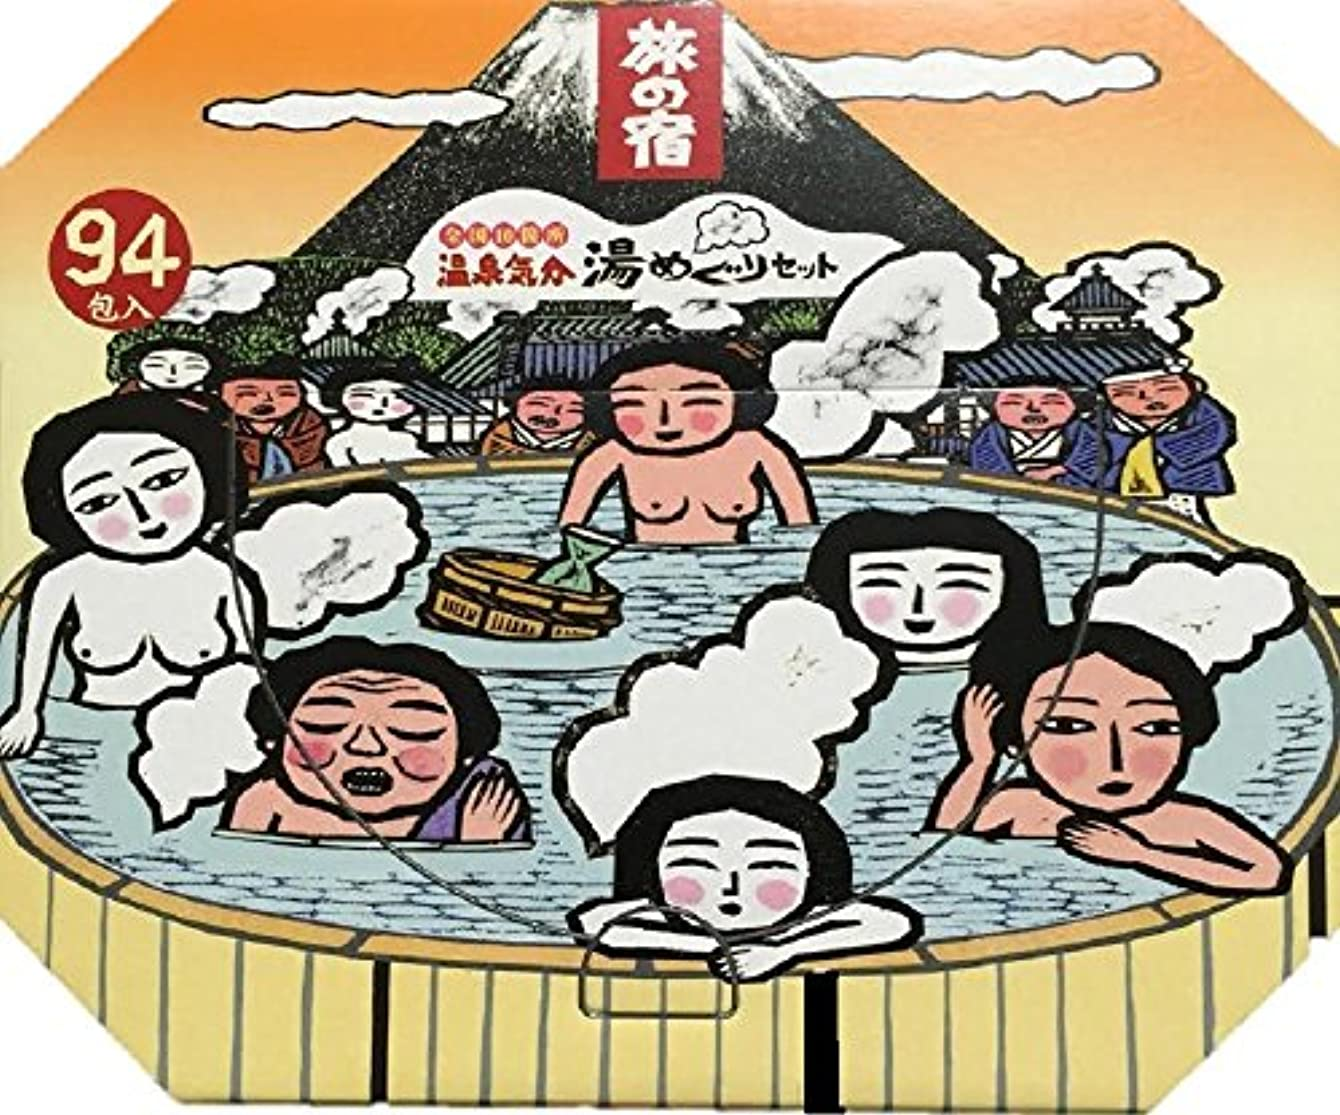 机明らか反響する旅の宿(薬用入浴剤) 全国10箇所温泉気分 湯めぐりセット94包入